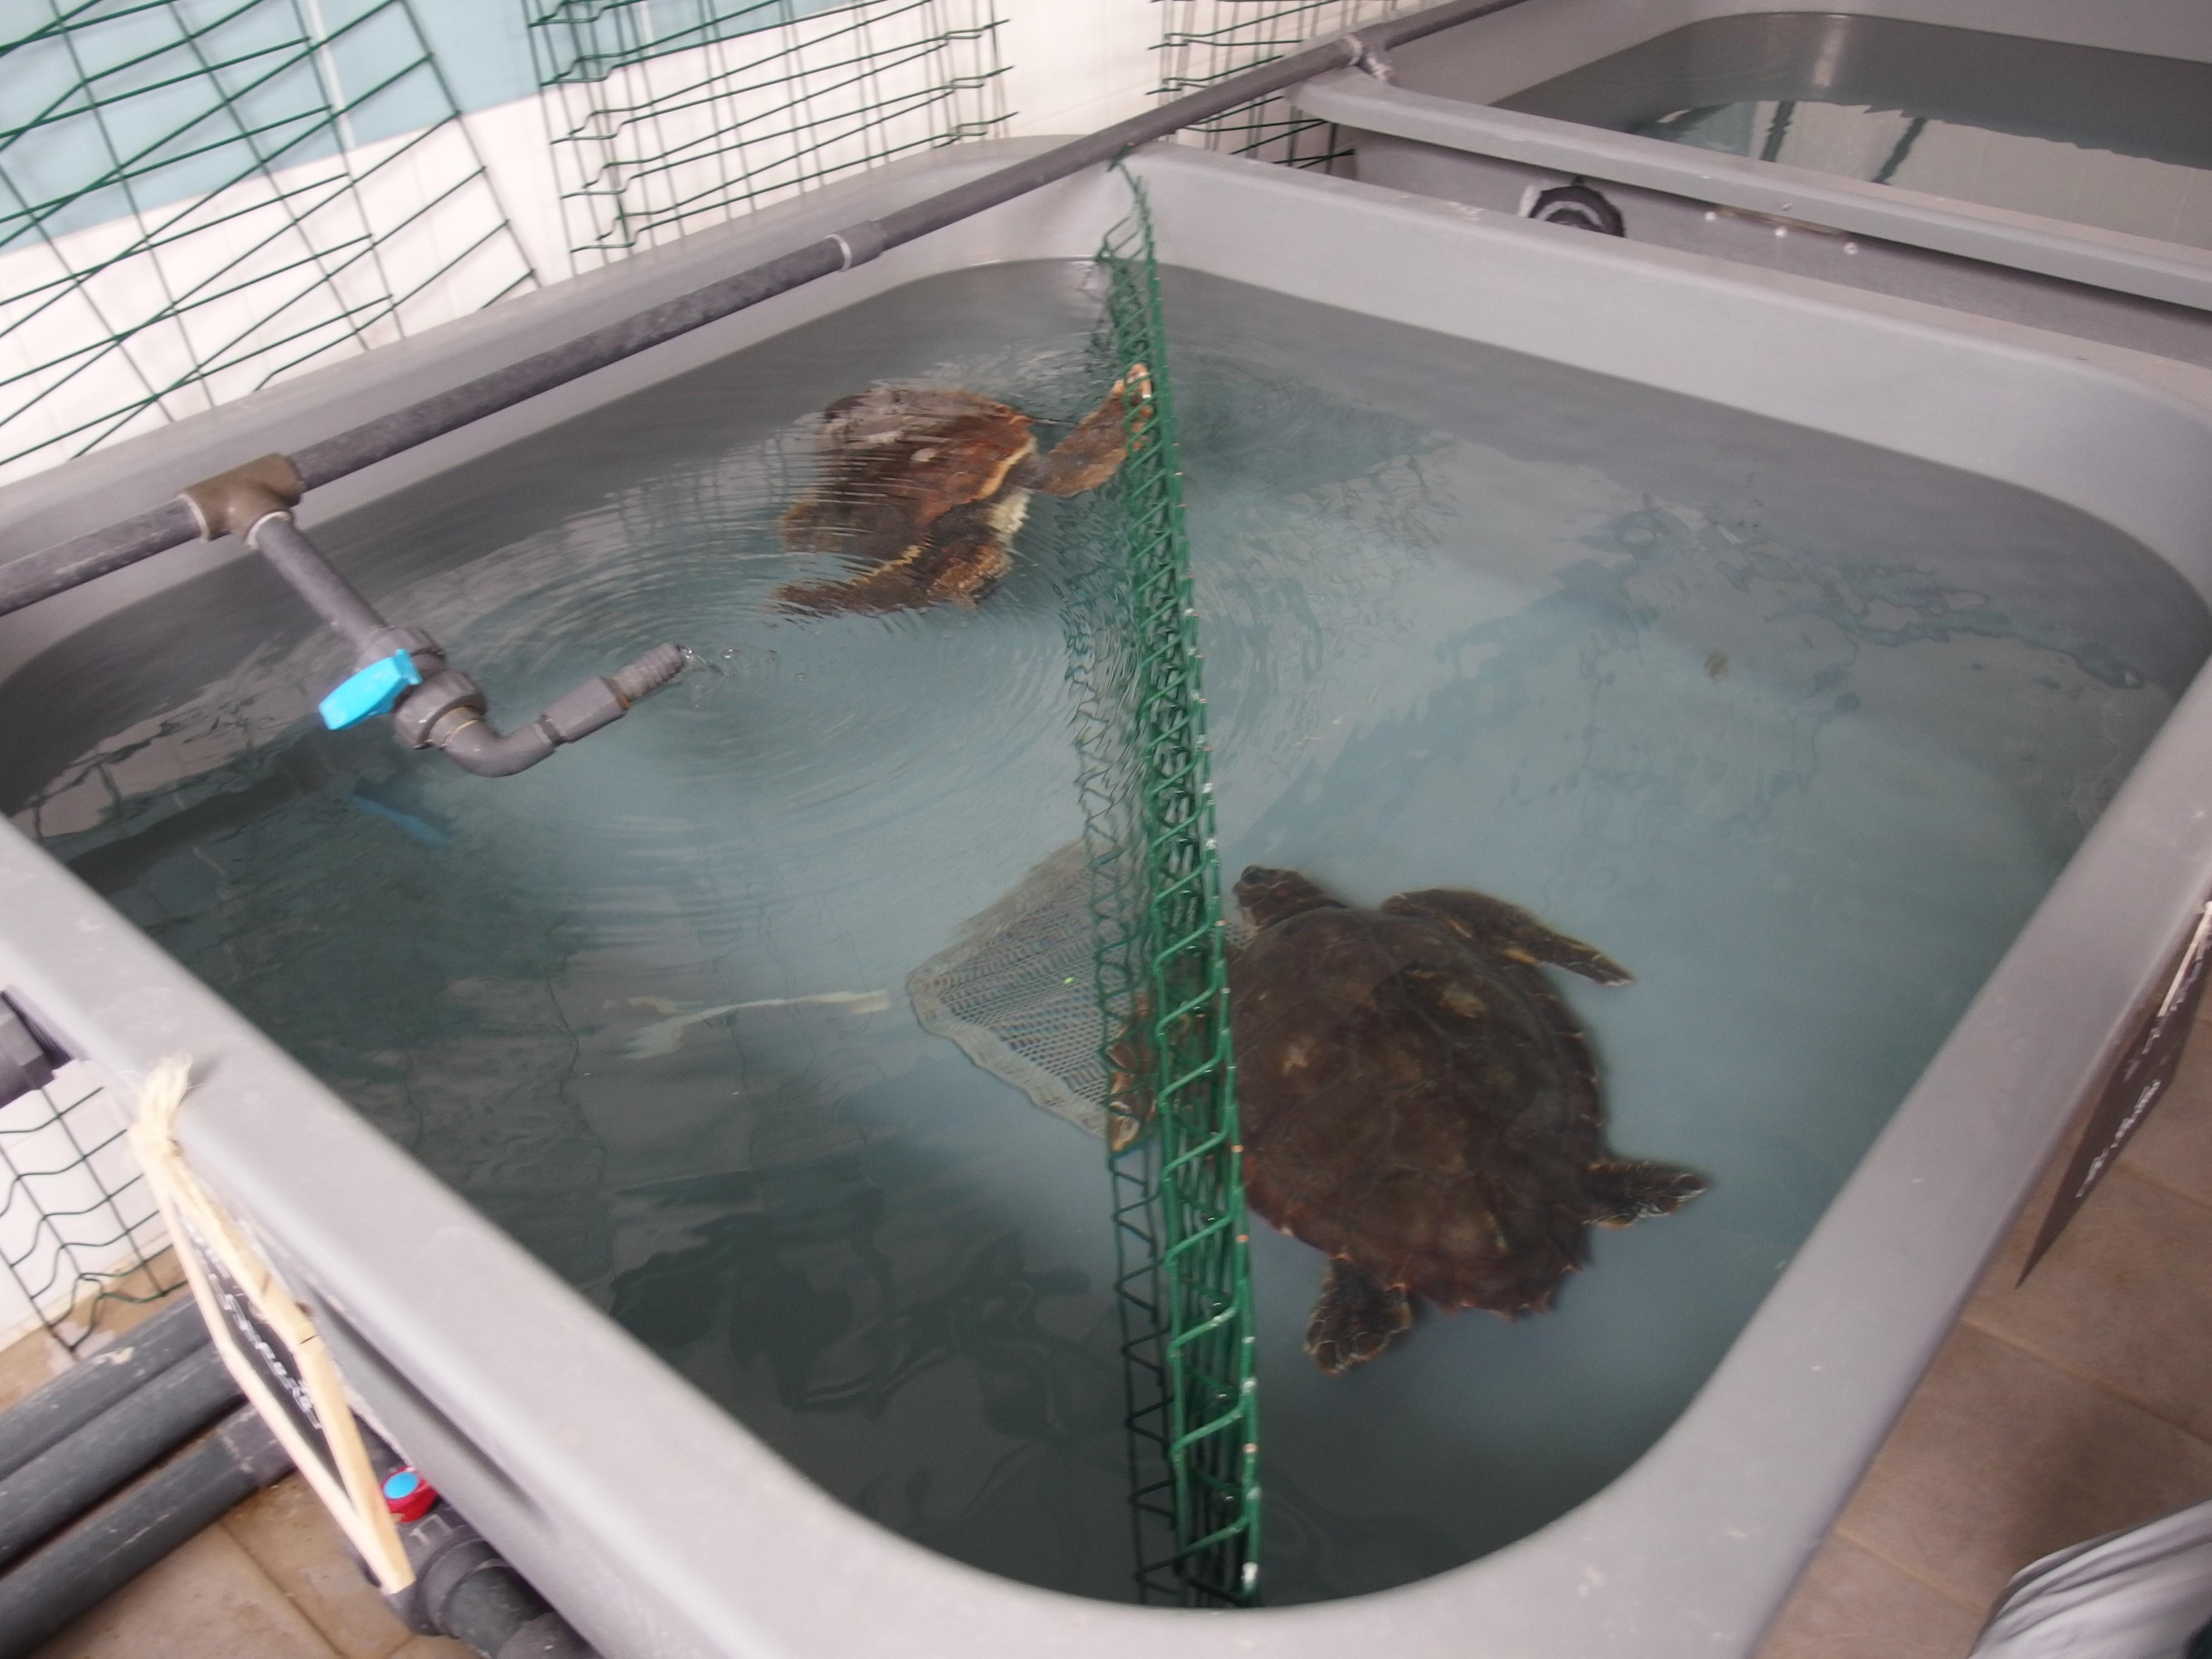 les bassins sont divisés en raison de l'afflux important de tortues marines cette année